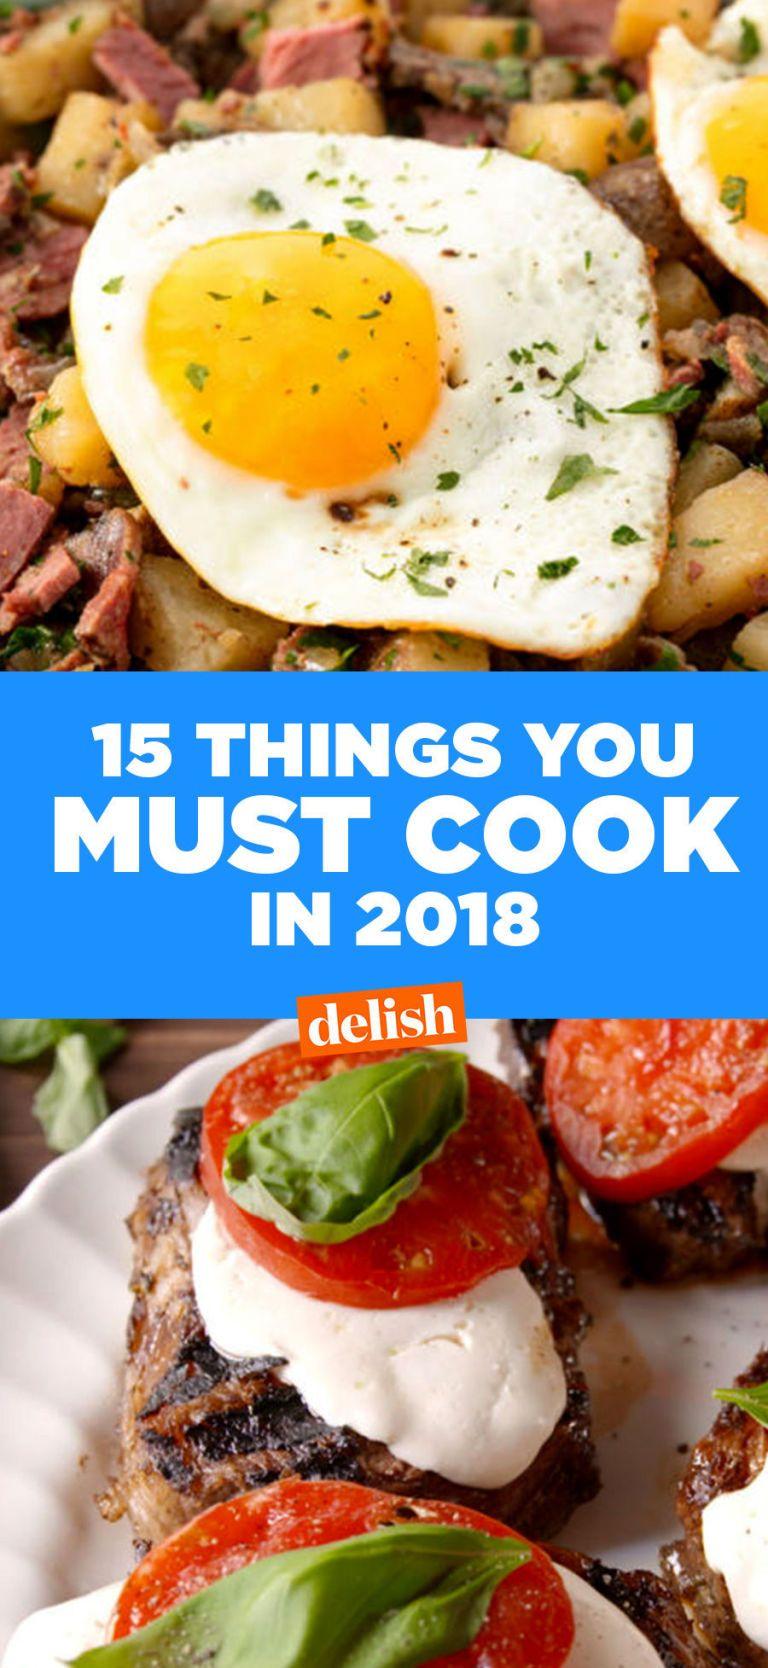 15 Things Everyone Should Learn How To Cook In 2018 #food #cooking #easyrecipe #hacks #homehacks